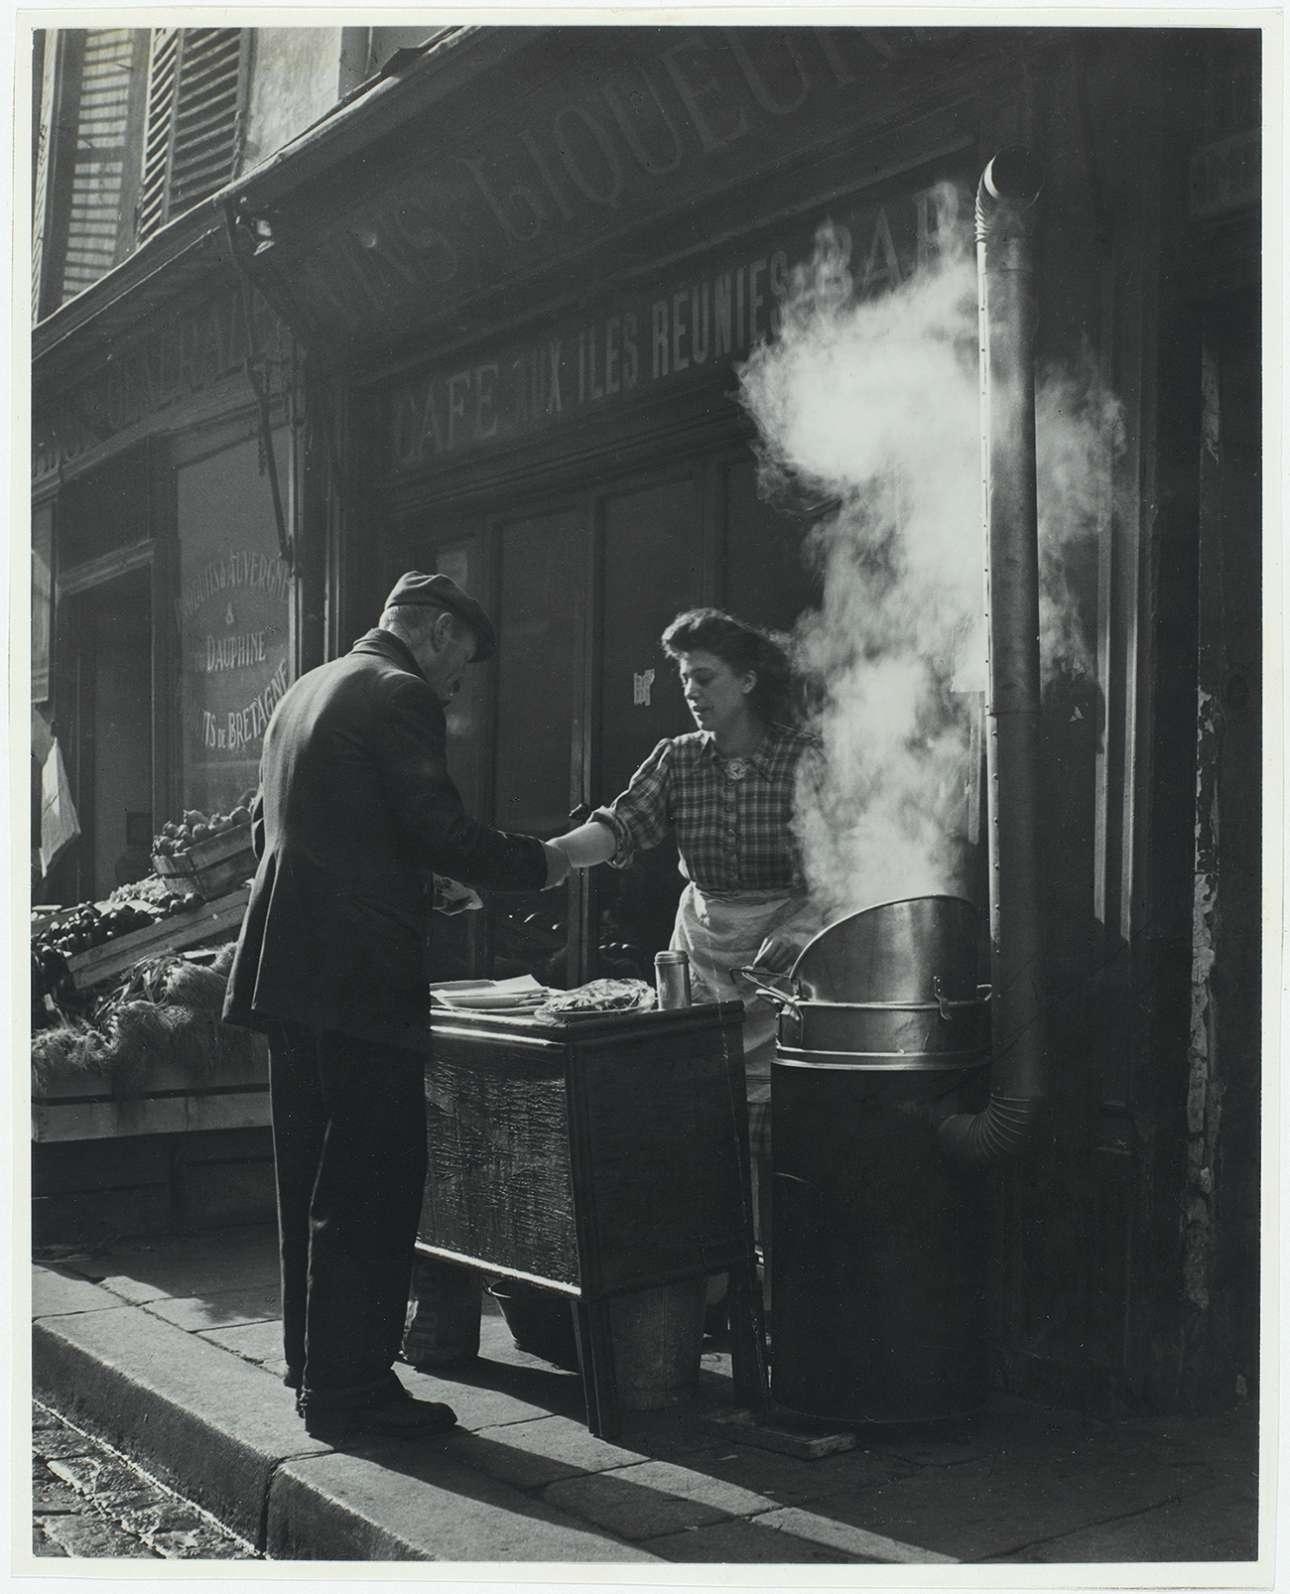 Το φαστ φουντ της δεκαετίας του '40... τηγανητές πατάτες στο δρόμο του Παρισιού, γύρω στο 1946 - 1948